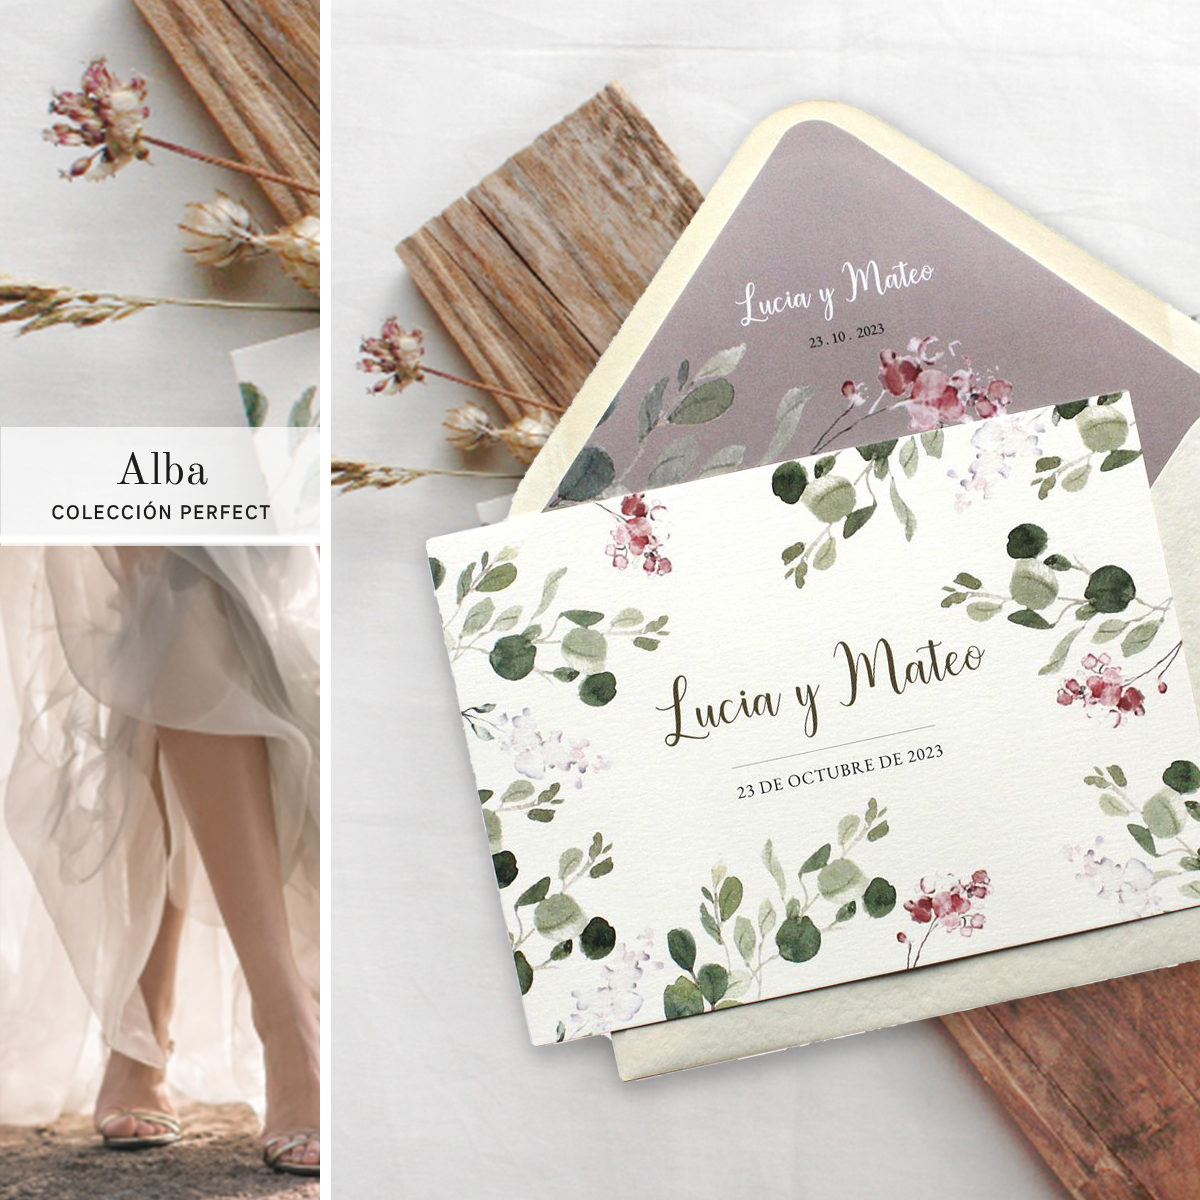 invitaciones boda madera